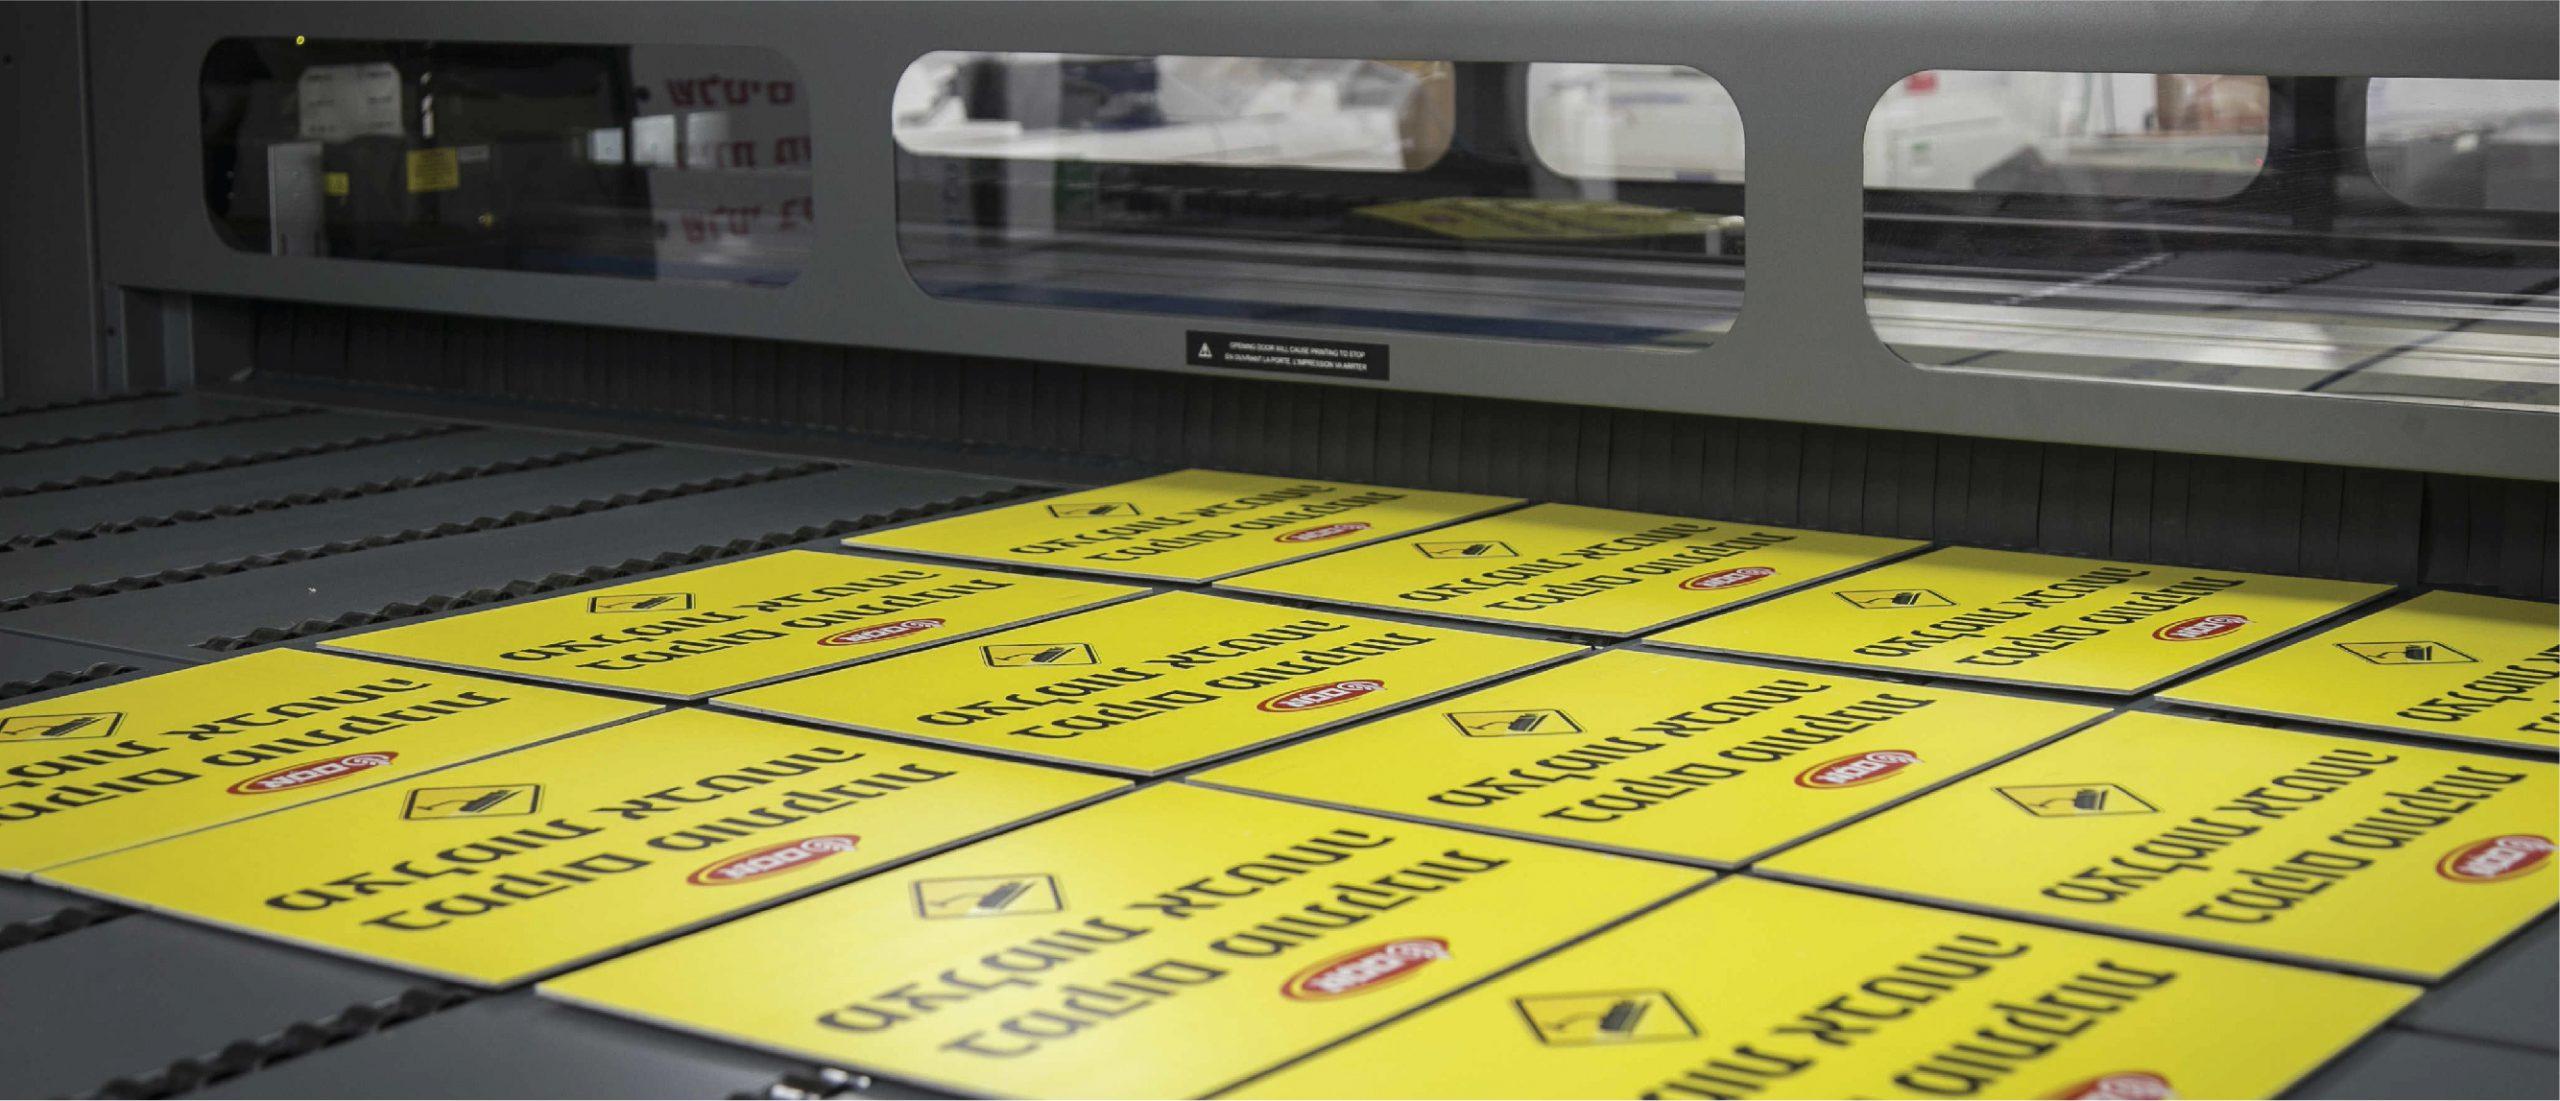 הדפסה על חומרים קשיחים